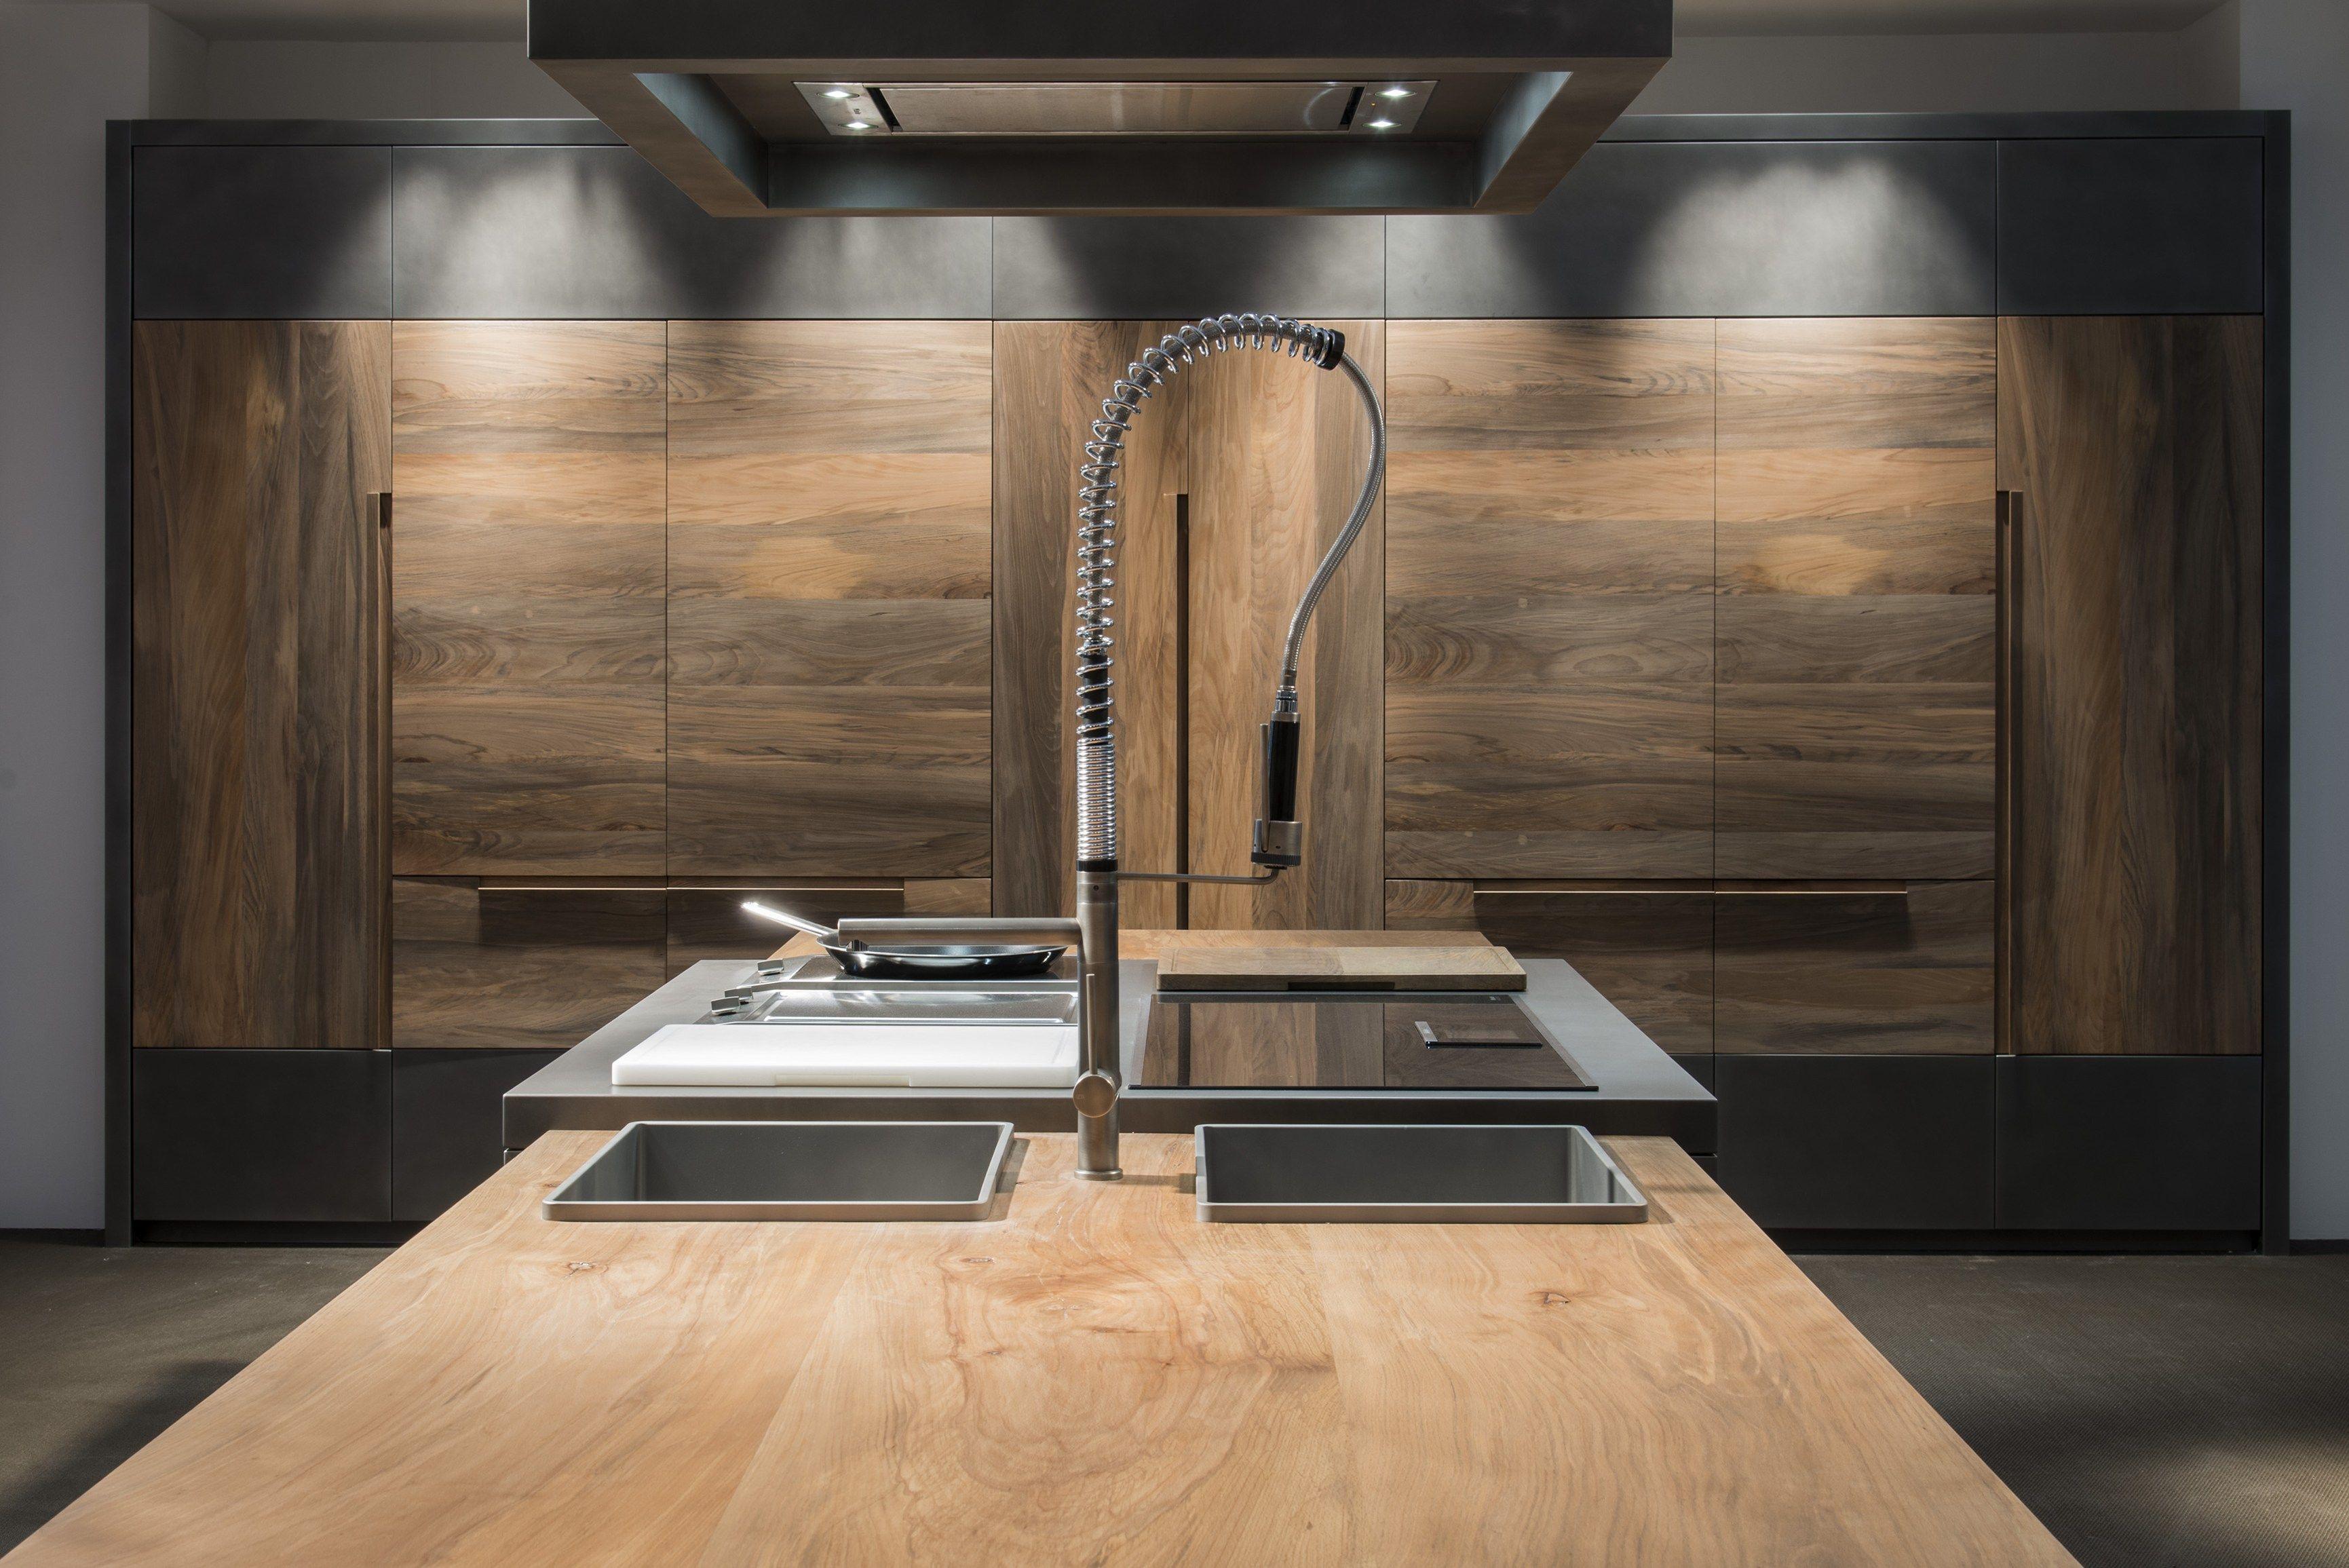 Cucina in faggio con isola essence by toncelli cucine for Cucina minimal